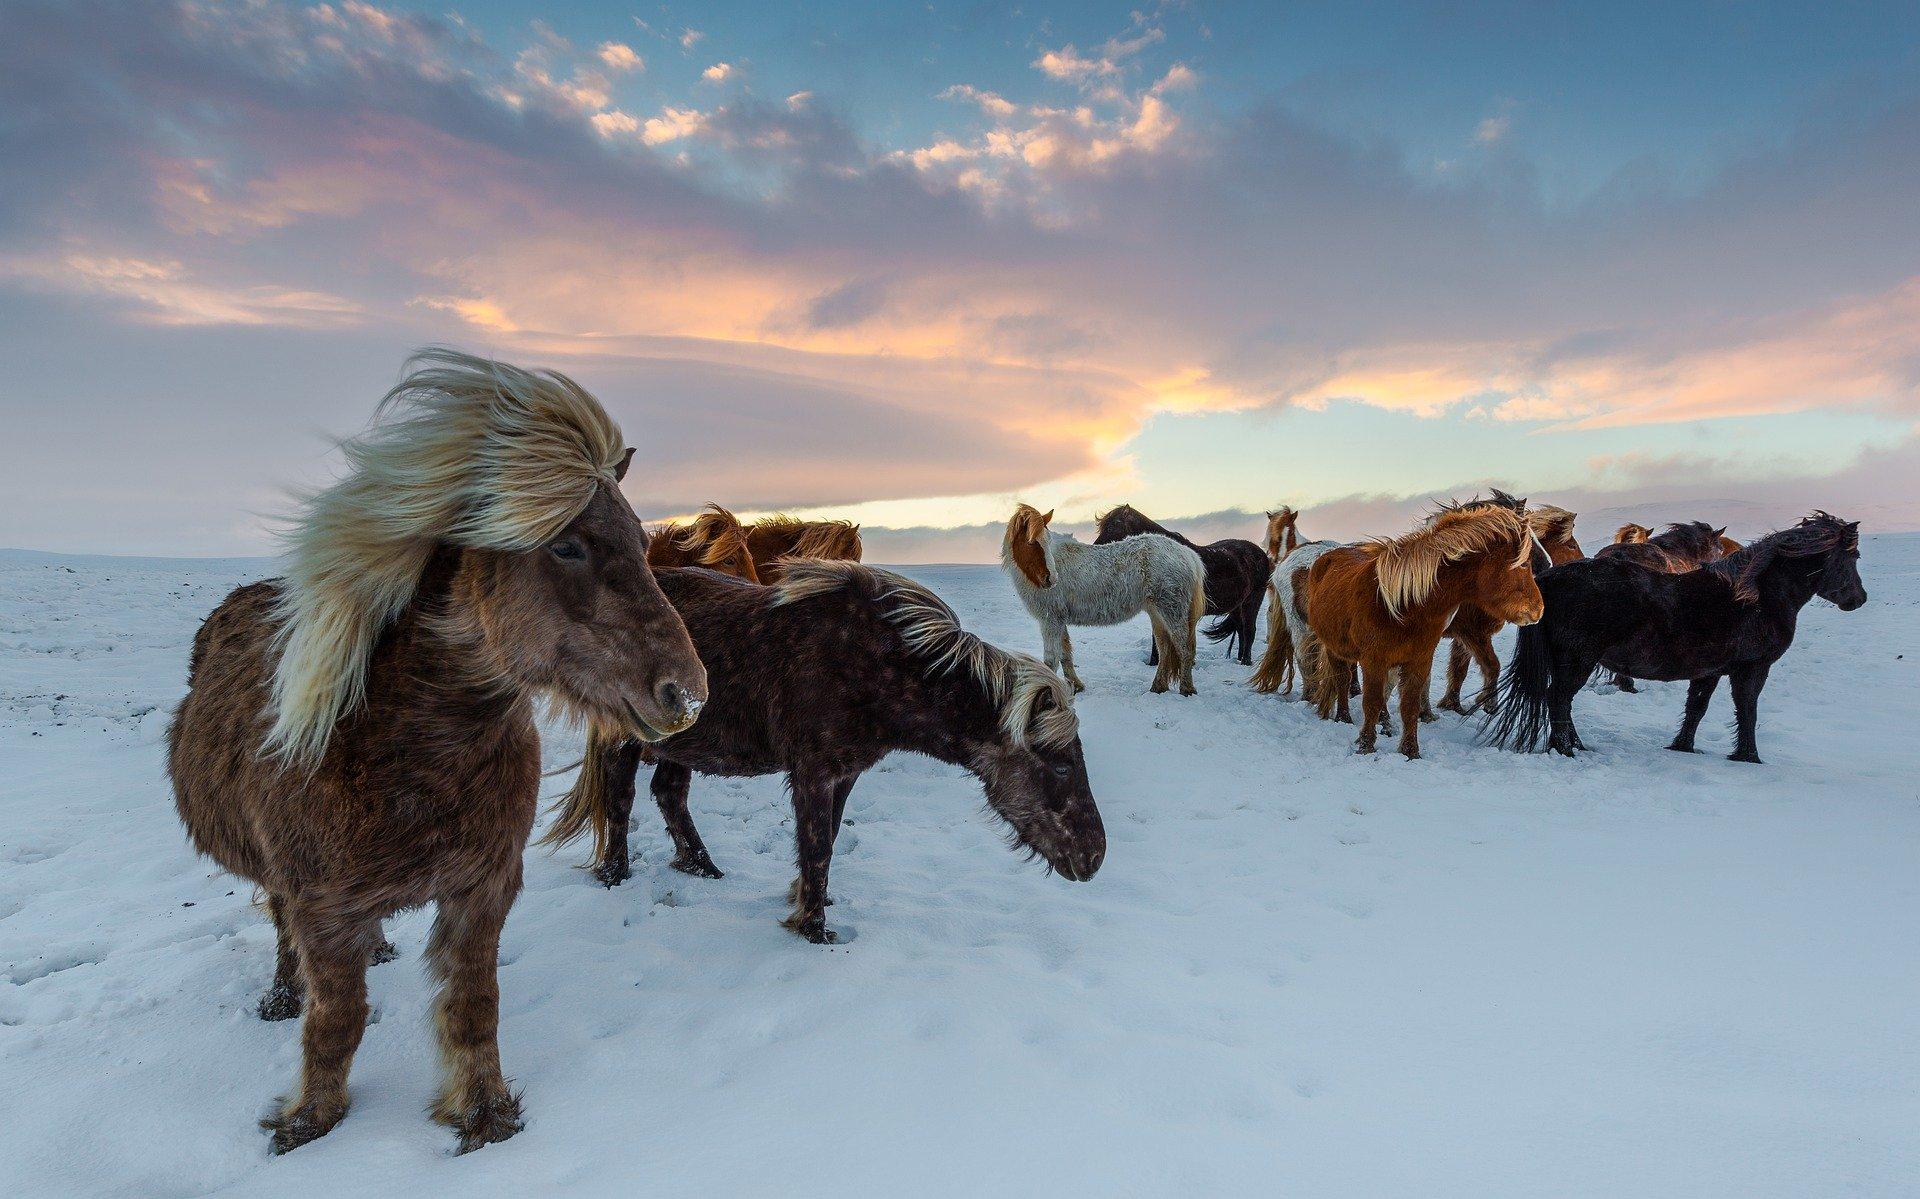 iceland-horses-4649468_1920